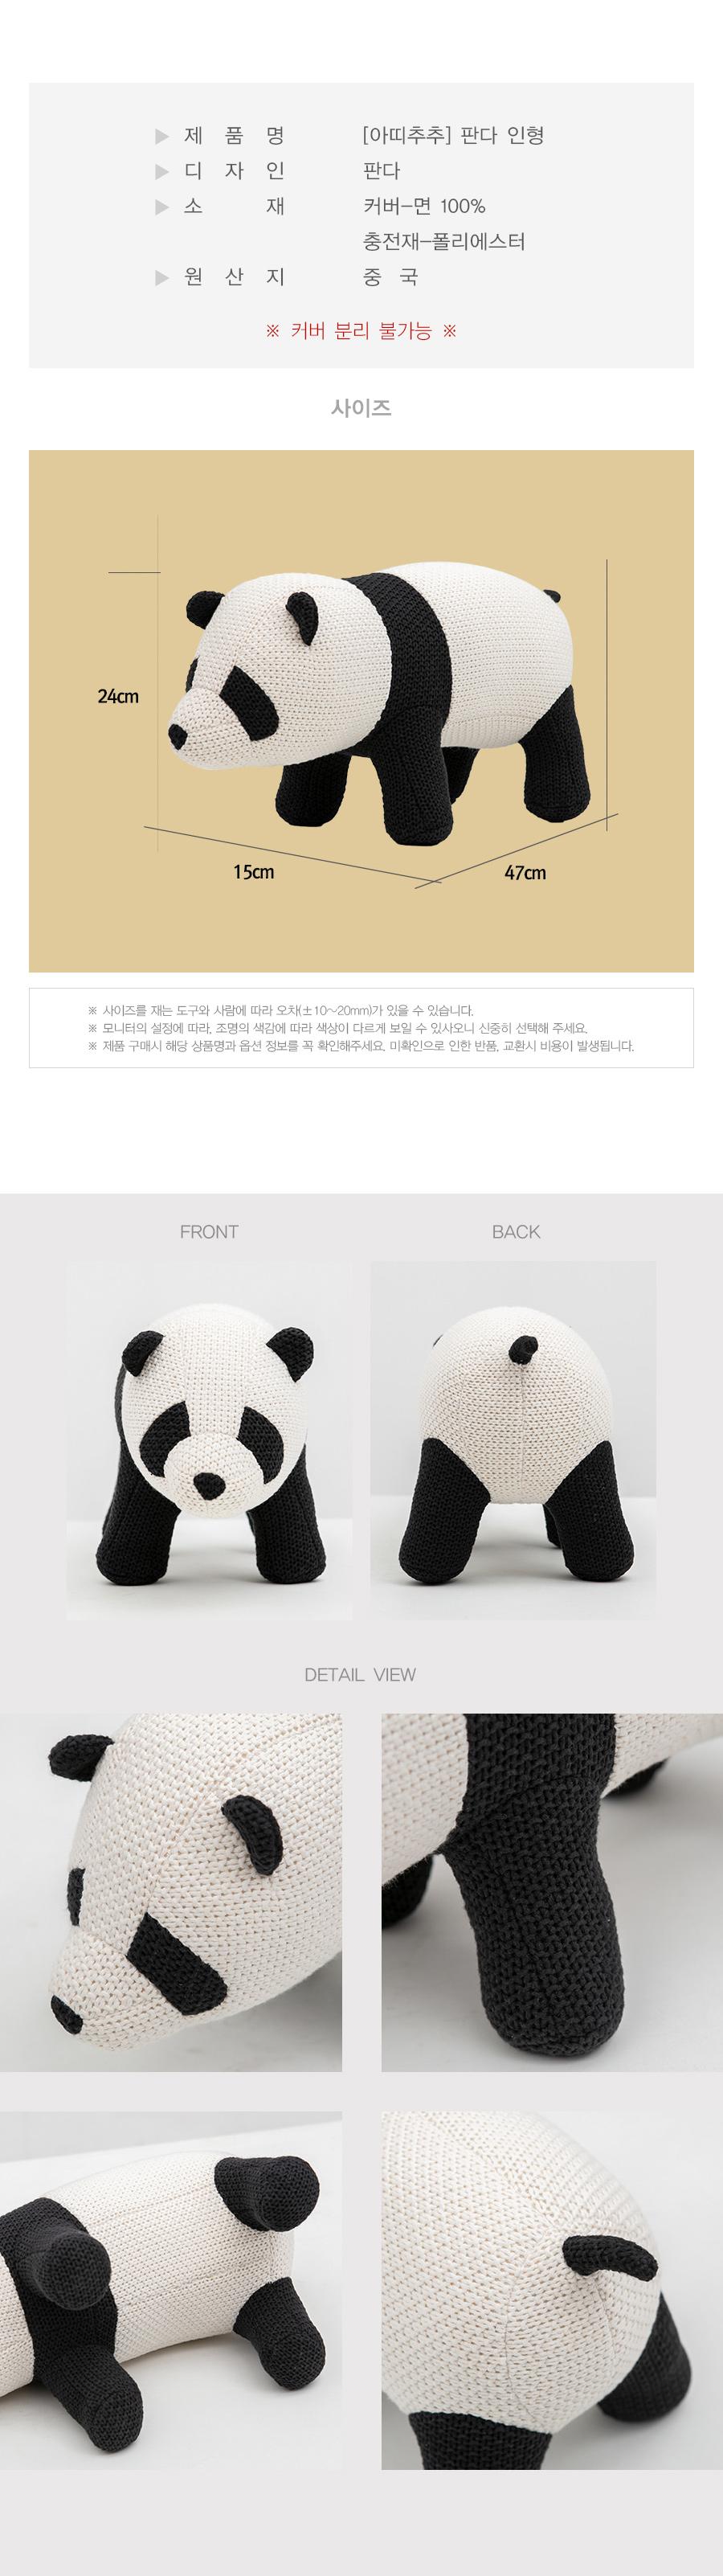 02-2_info_panda.jpg